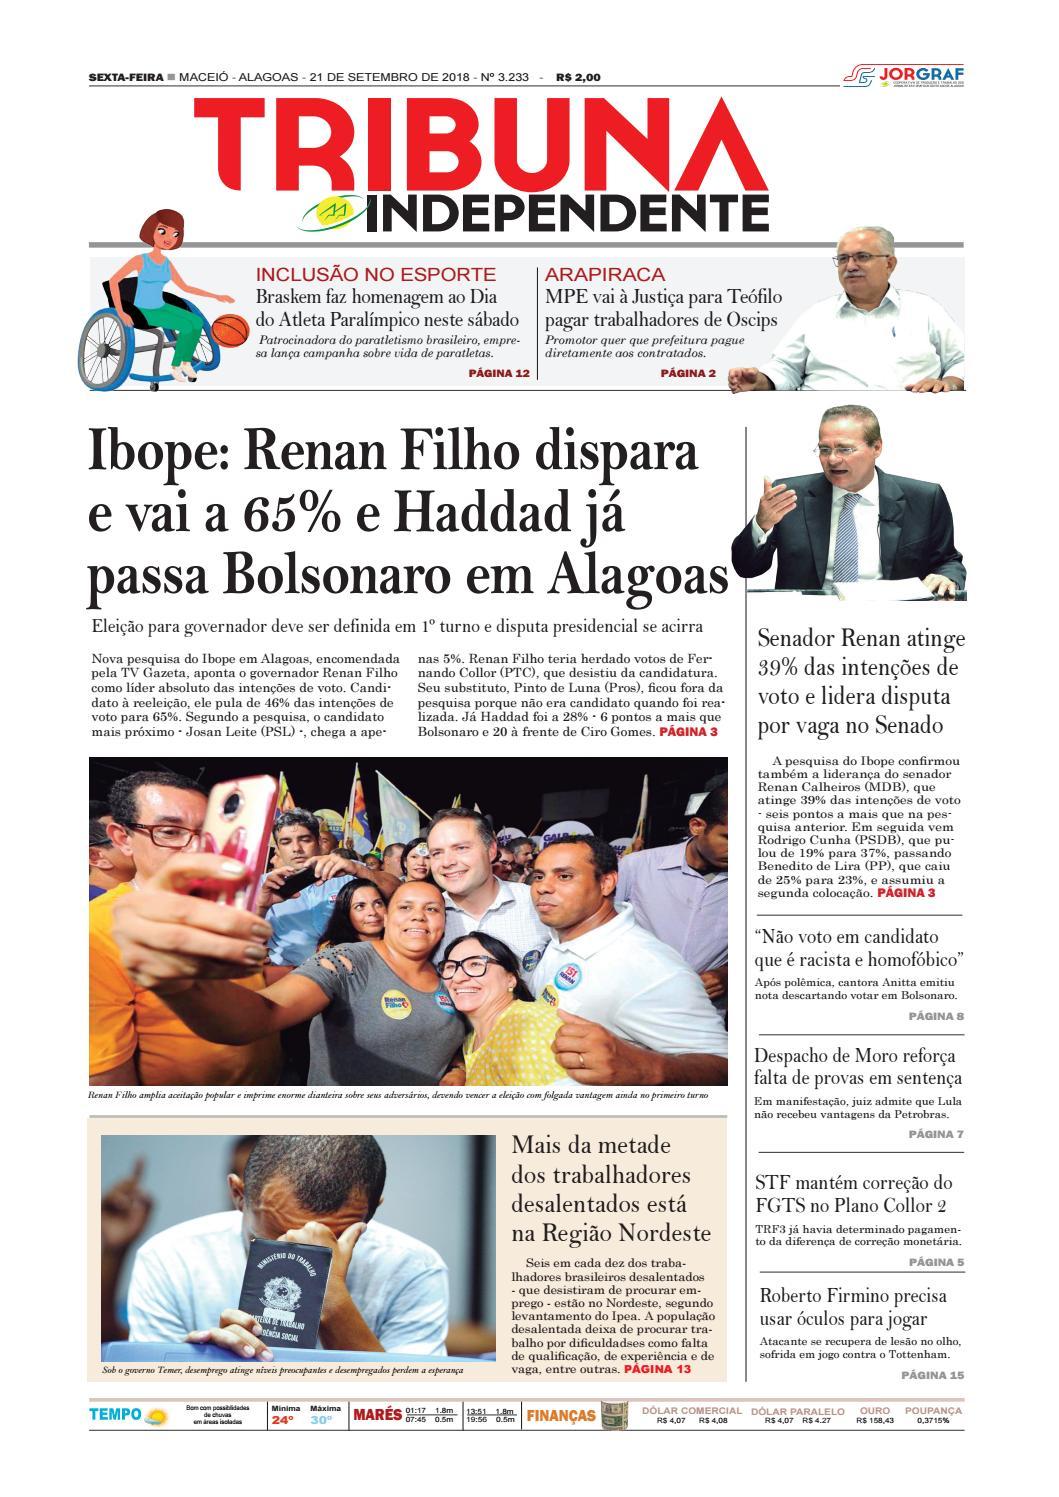 bbec00c1c8892 Edição número 3233 - 21 de setembro de 2018 by Tribuna Hoje - issuu